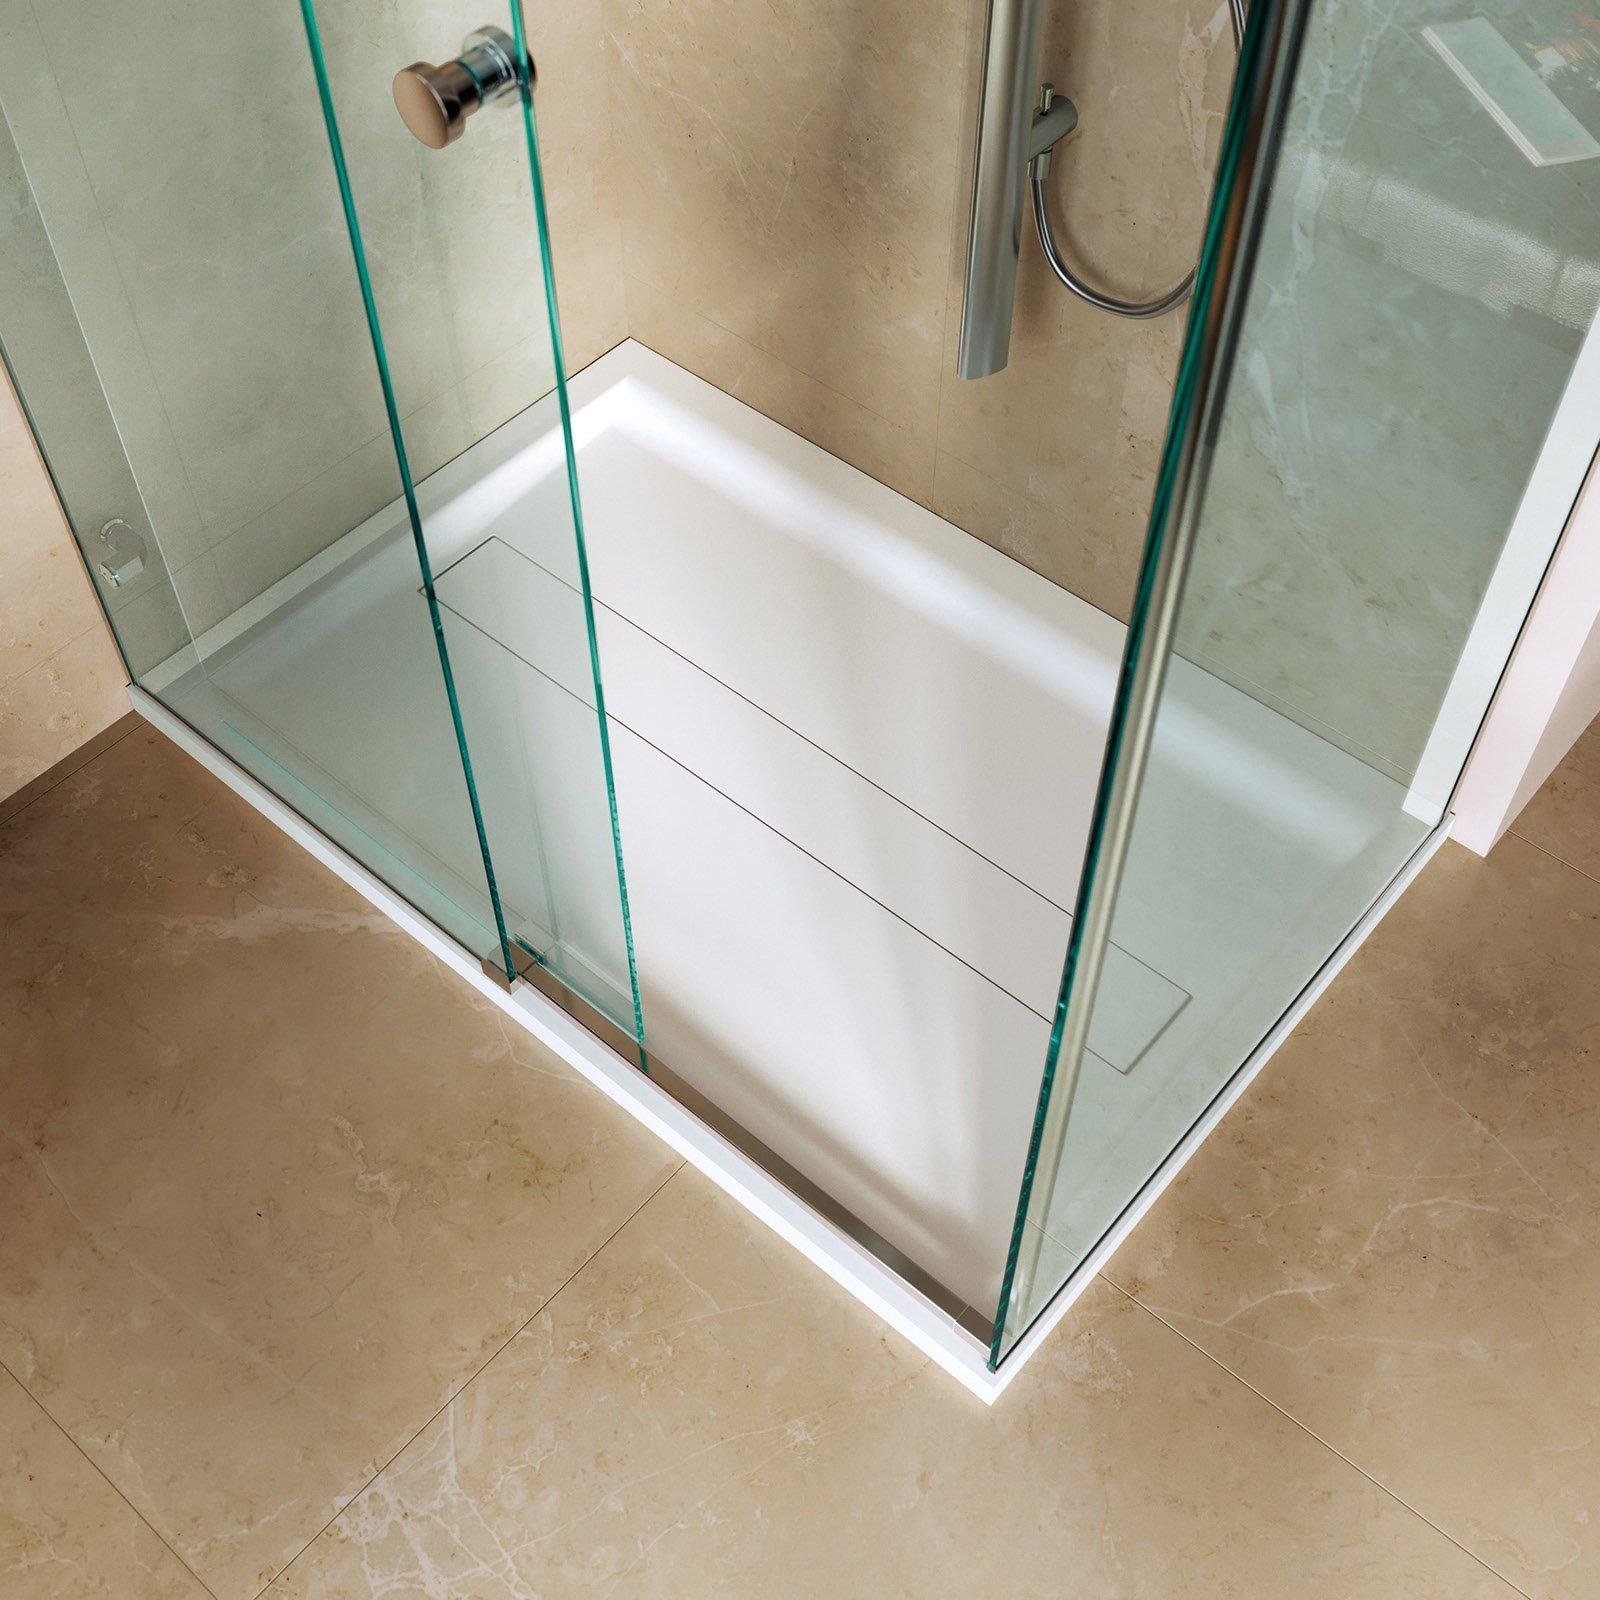 Piatto doccia quadrato rettangolare irregolare cose - Piatto doccia incassato nel pavimento ...